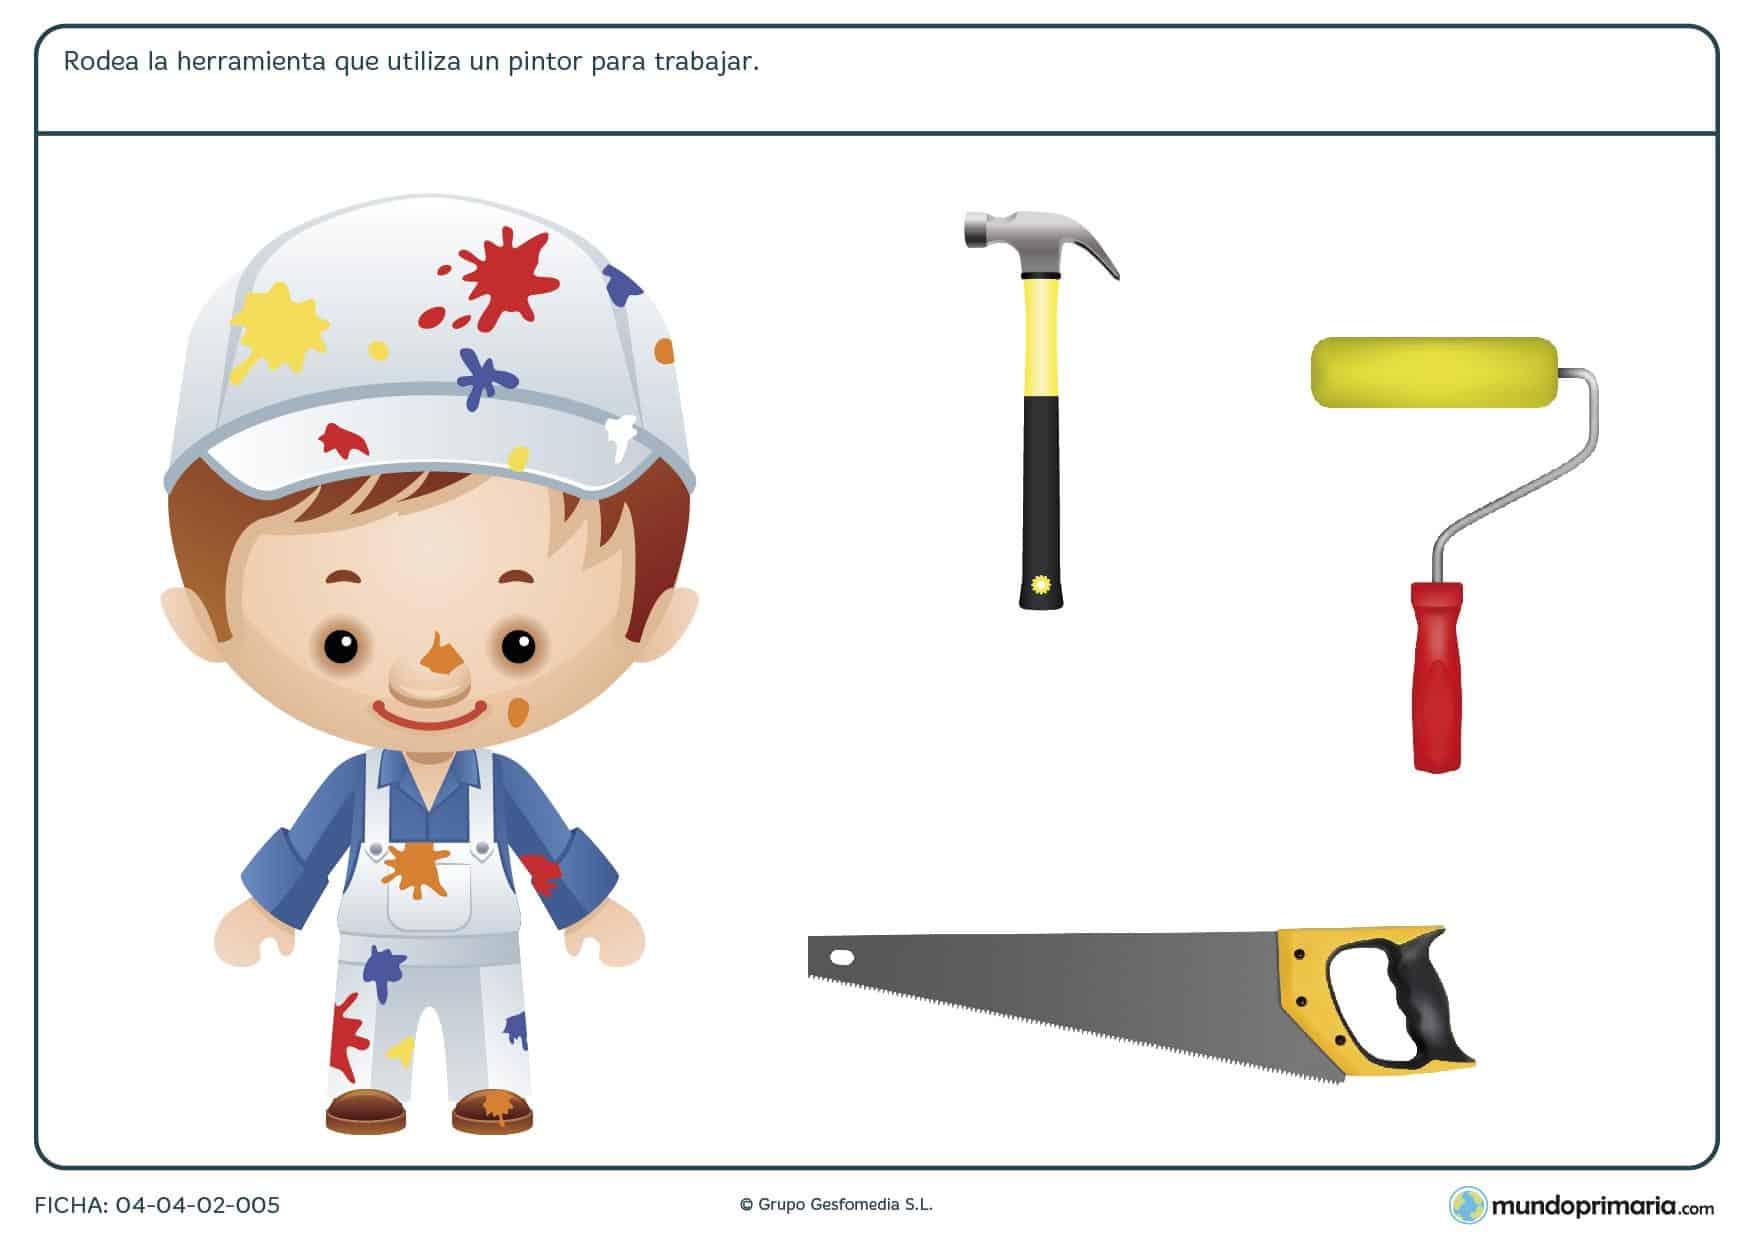 Ficha de herramientas del pintor en el que hay que rodear cúal de las herramientas proporcionadas utiliza el pintor para trabajar.